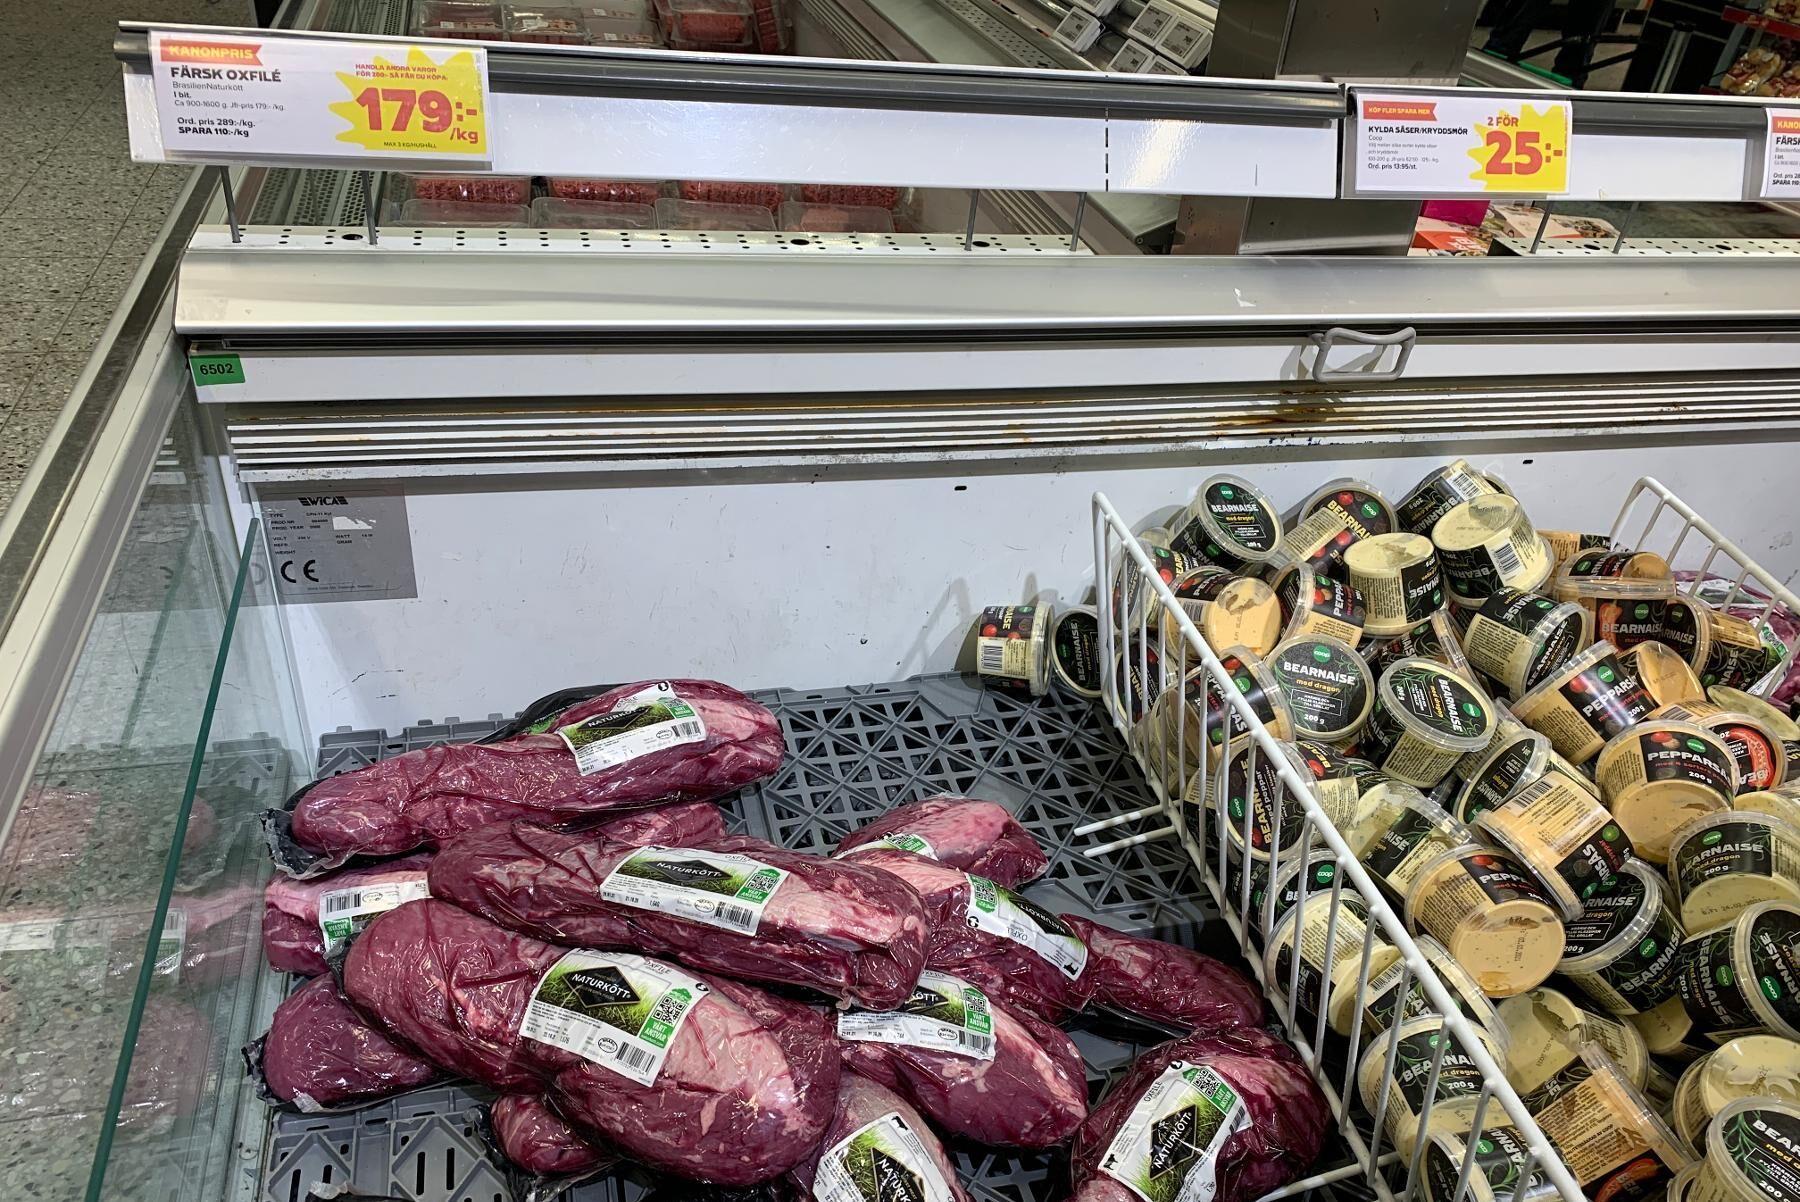 Den brasilianska oxfilén marknadsförs under parollen naturkött, och ska därmed vara noga utvald. Djuren har fått låg antibiotikamedicinering och har fått gå ute stora delar av året. Fina ord som också stämmer väl in på svensk produktion.